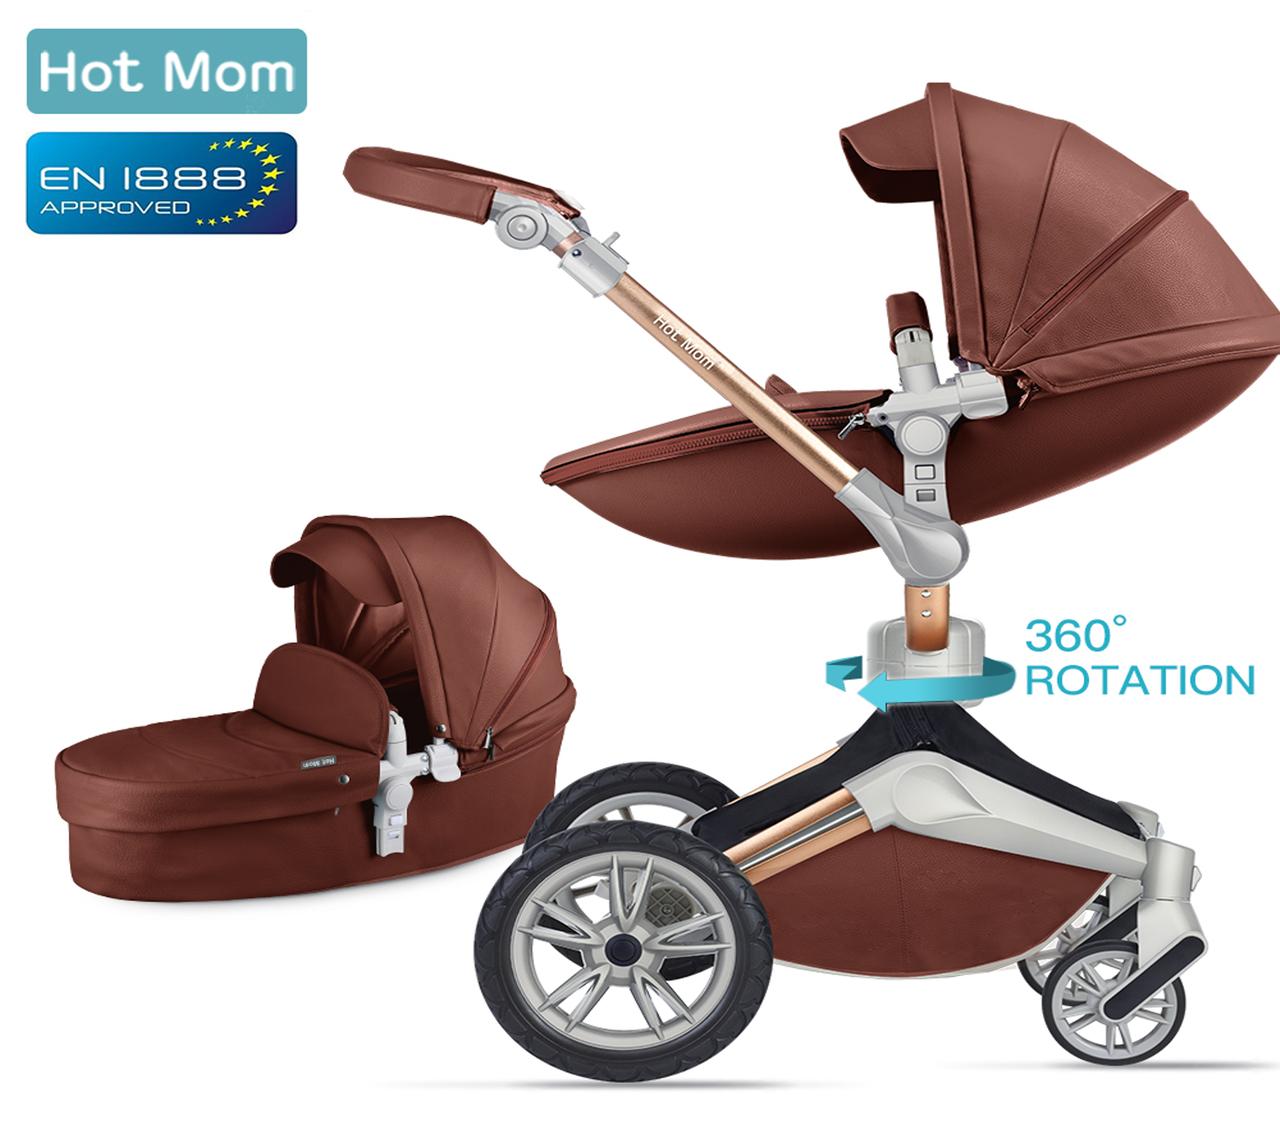 Оригинальная детская коляска Hot Mom 2в1 New 360 Dark Brown Тёмно-коричневый эко-кожа Прогулка и люлька